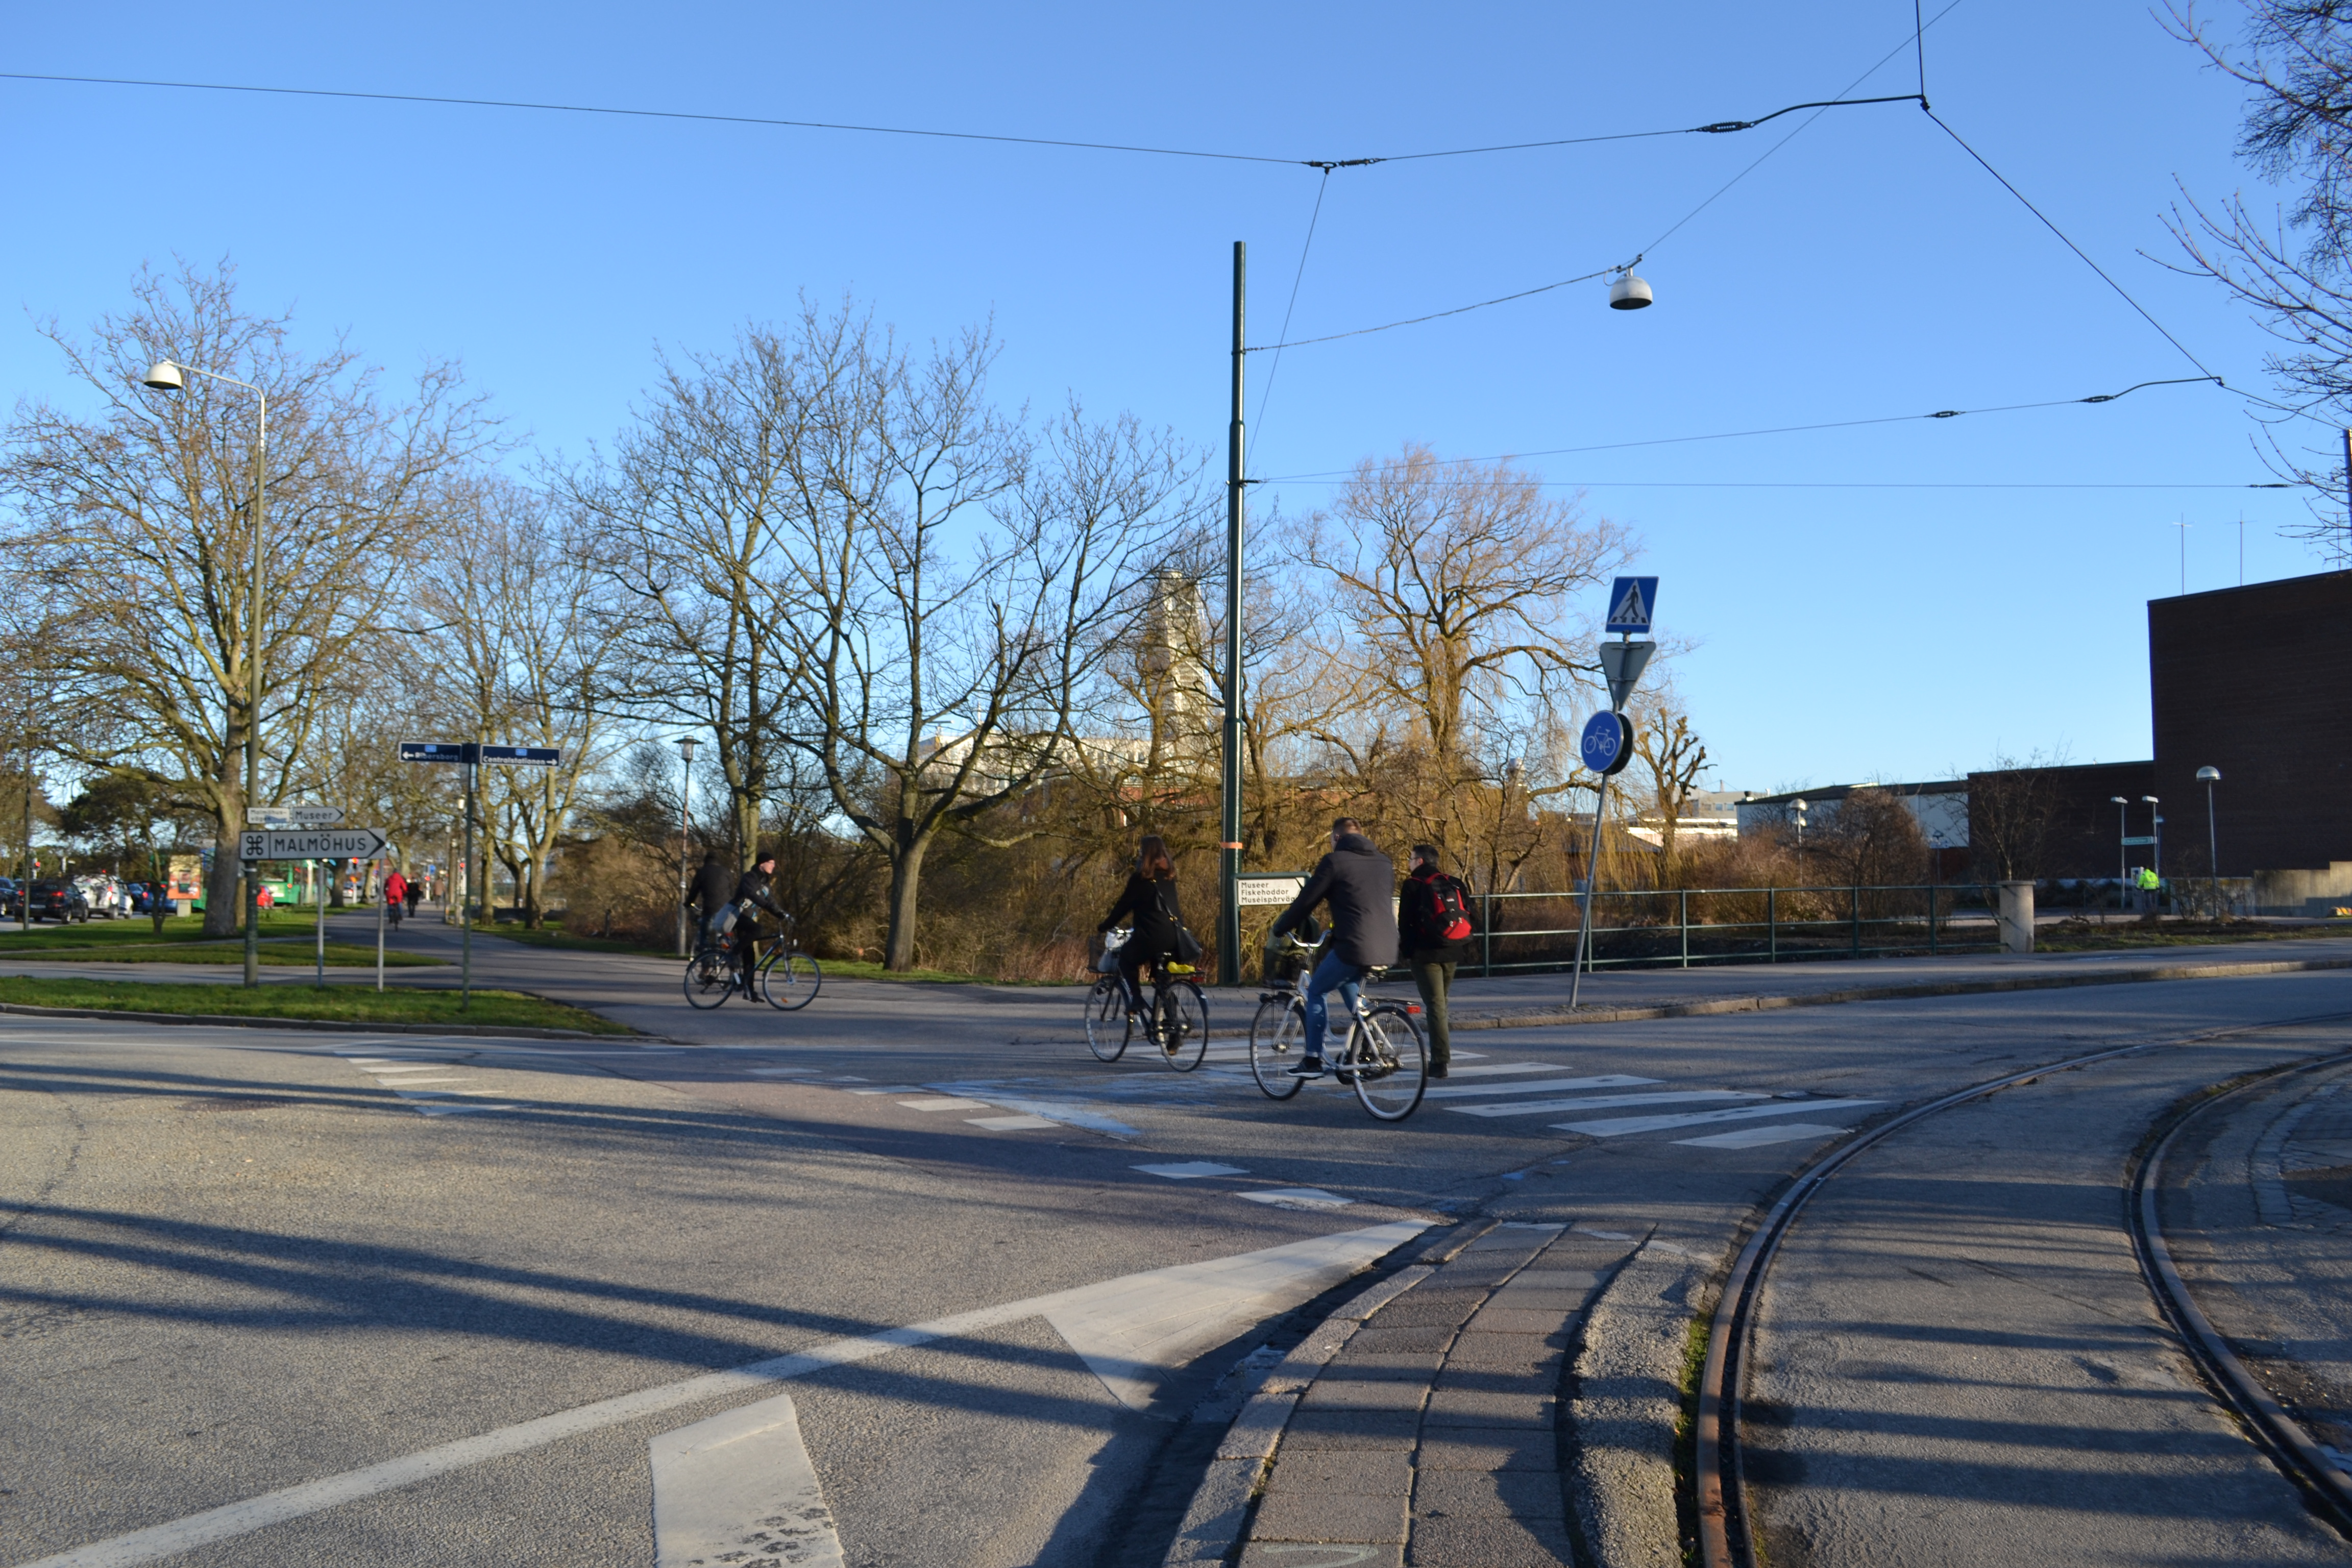 Väjningsplikt före cykelpassage